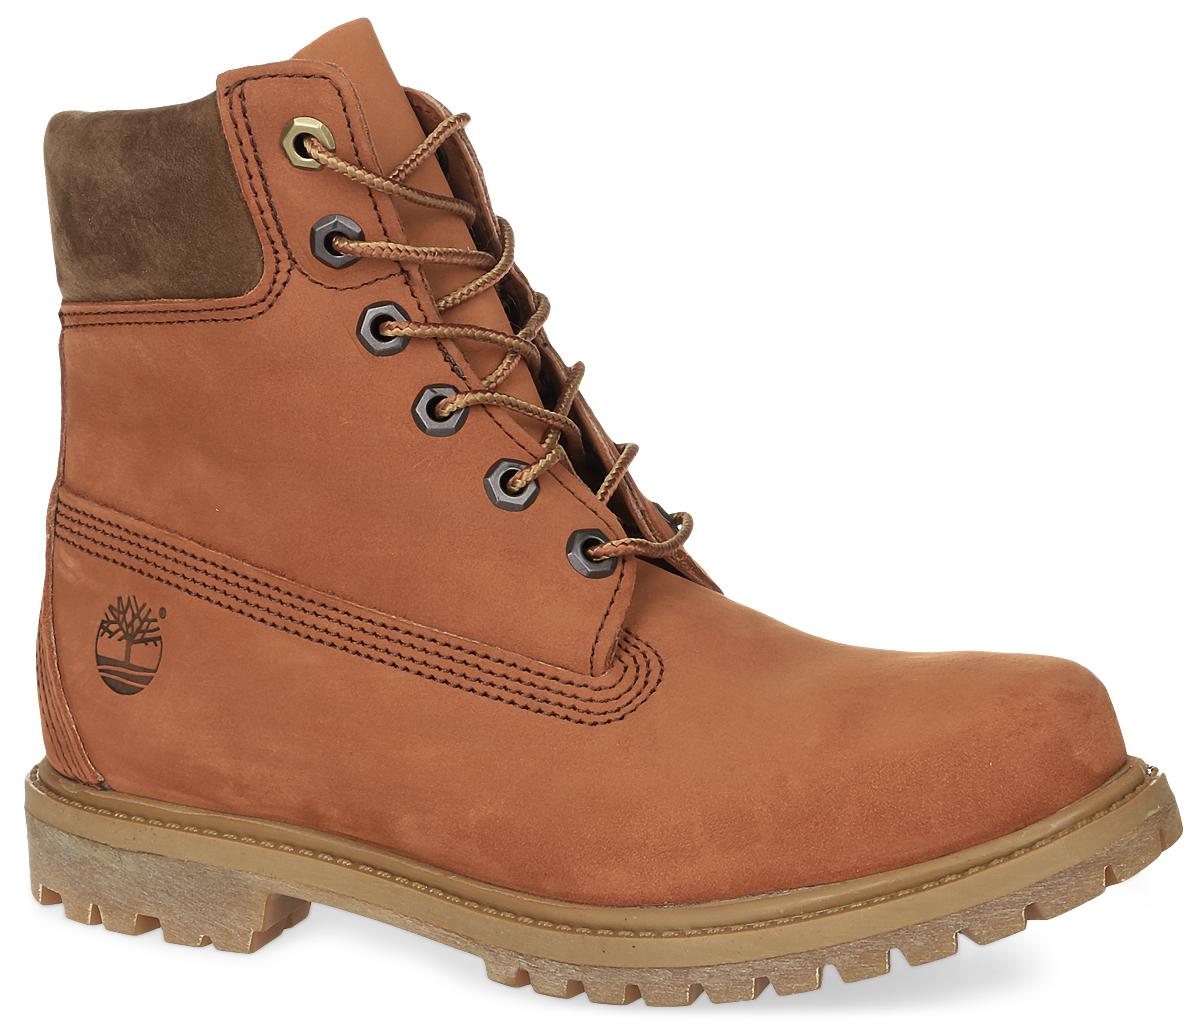 Ботинки женские Timberland 6 Premium Boot, цвет: оранжево-коричневый. TBLA18NUW. Размер 9 (39)TBLA18NUWКлассические шестидюймовые ботинки 6-inch Premium Boot от Timberland заинтересуют вас своим дизайном с первого взгляда! Модель изготовлена из натурального нубука и сбоку оформлена тисненым логотипом бренда. Высокий язычок и шнуровка обеспечивают плотное прилегание верхней части ботинок к ноге, создавая дополнительную теплозащиту. Утеплитель Primaloft 400г и стелька Anti-Fatigue для большего комфорта обеспечивают максимальный комфорт при движении. Каблук и подошва с протектором гарантируют идеальное сцепление с любыми поверхностями.